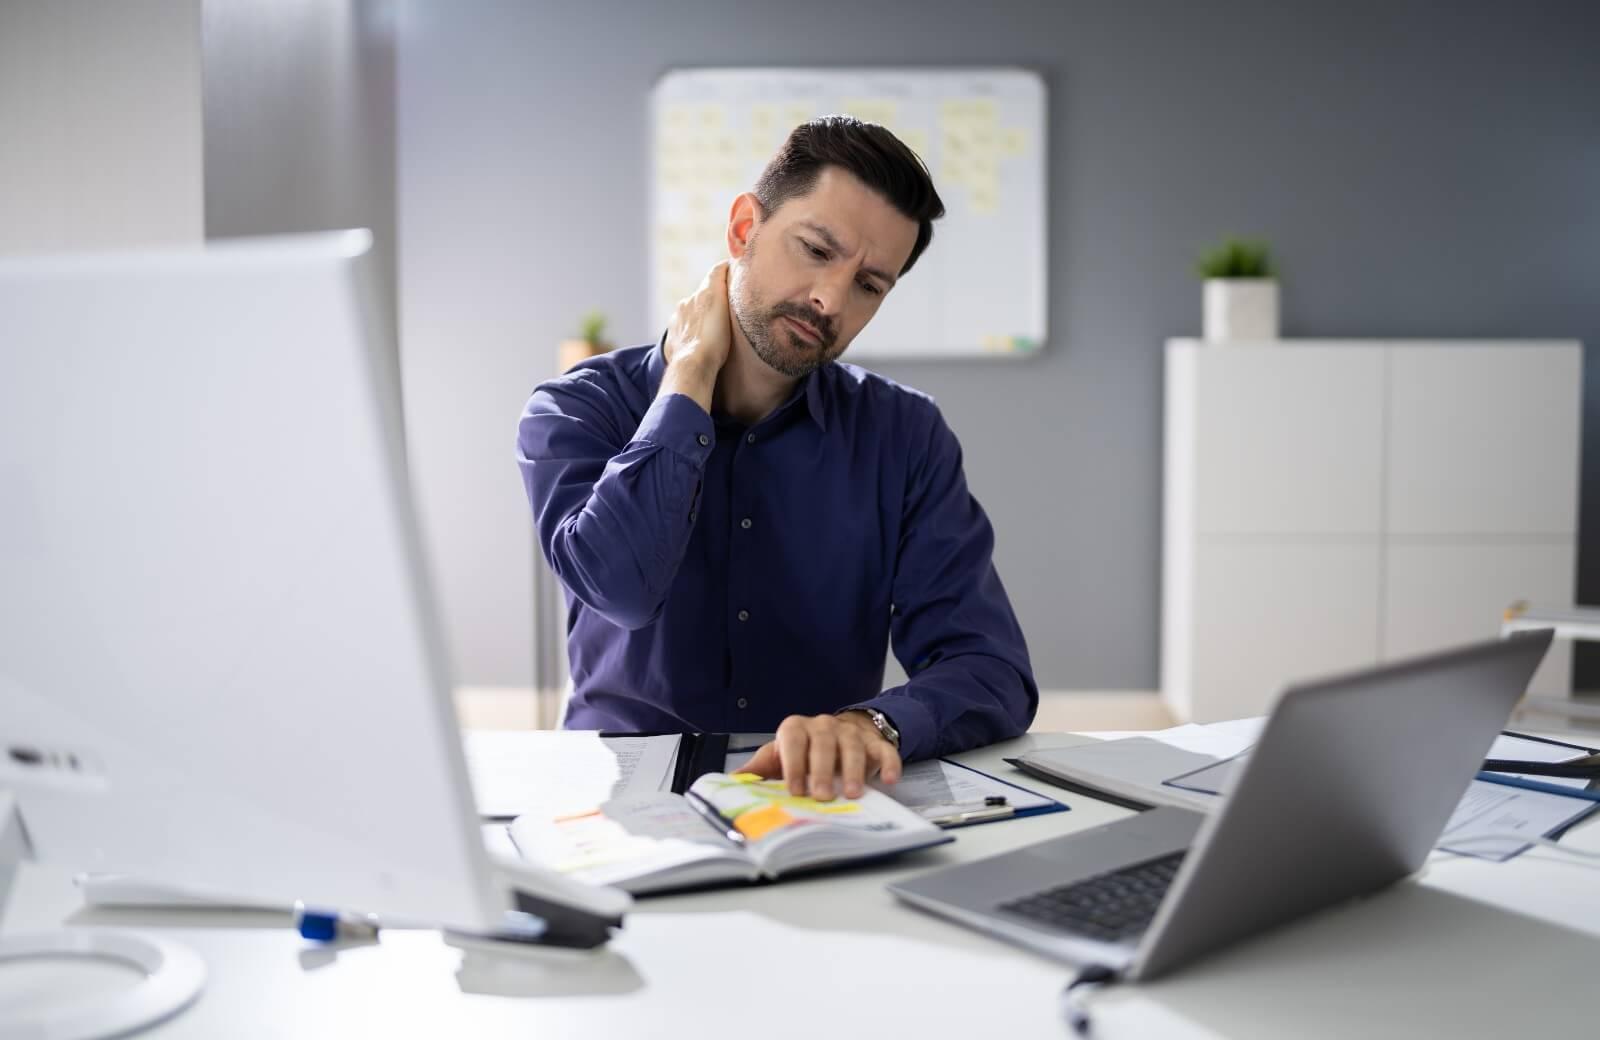 Werkplek instellen: ergonomie